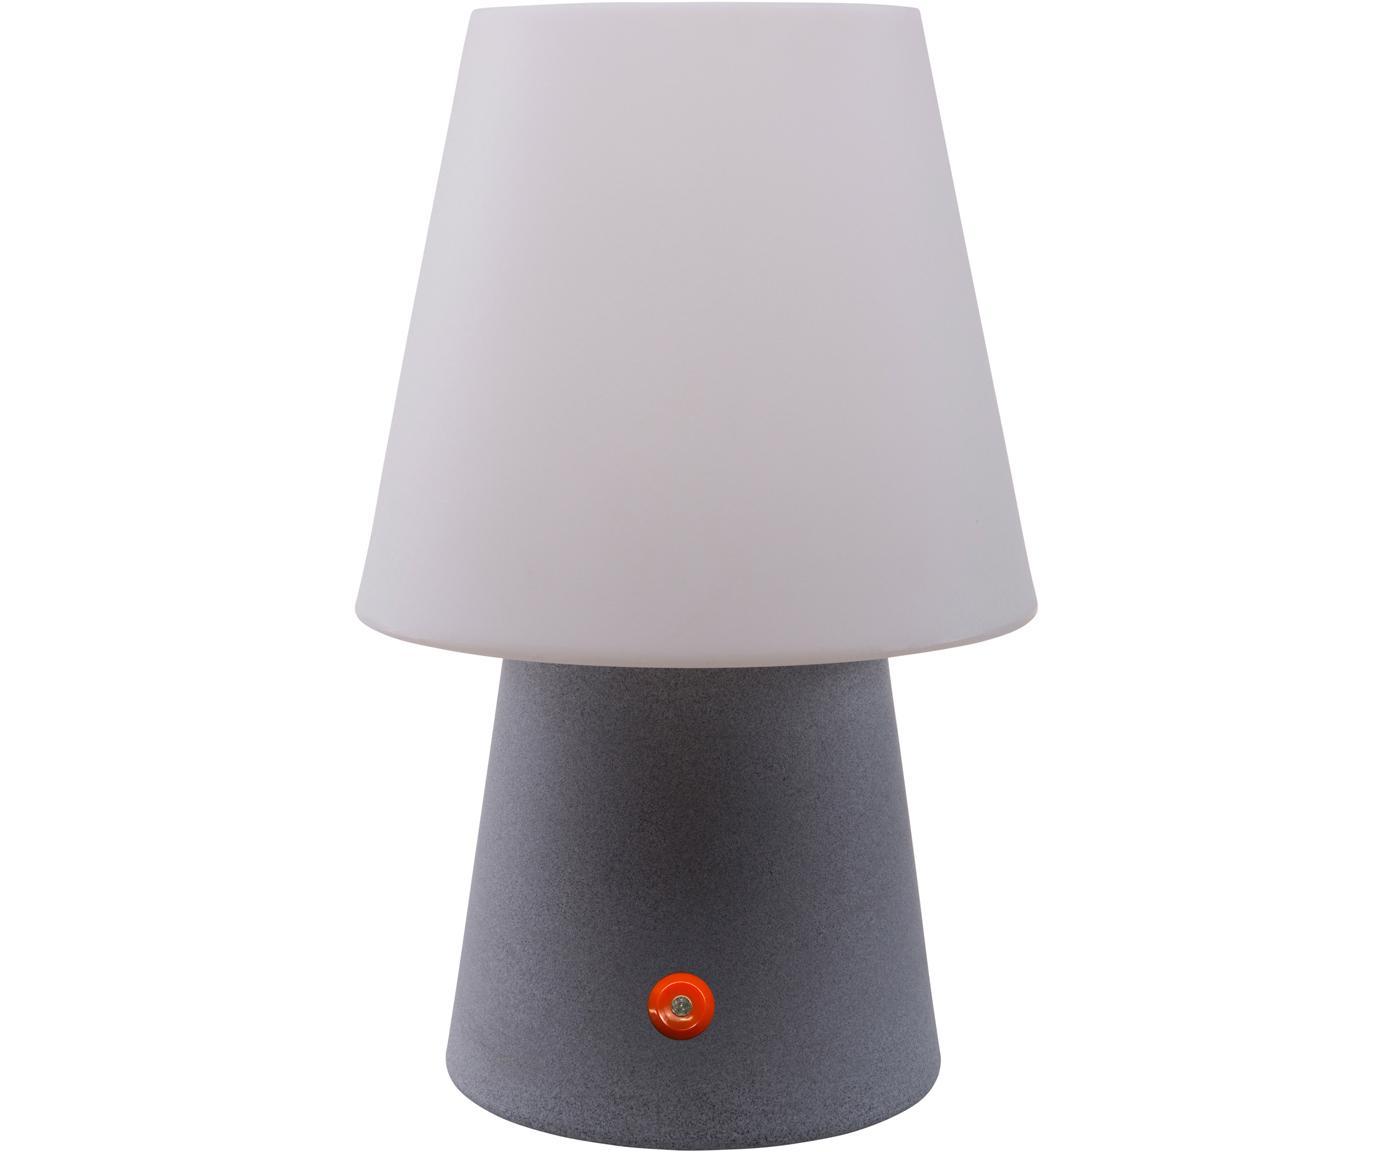 Mobilna lampa stołowa No. 1, Tworzywo sztuczne, Biały, szary, Ø 18 x W 29 cm